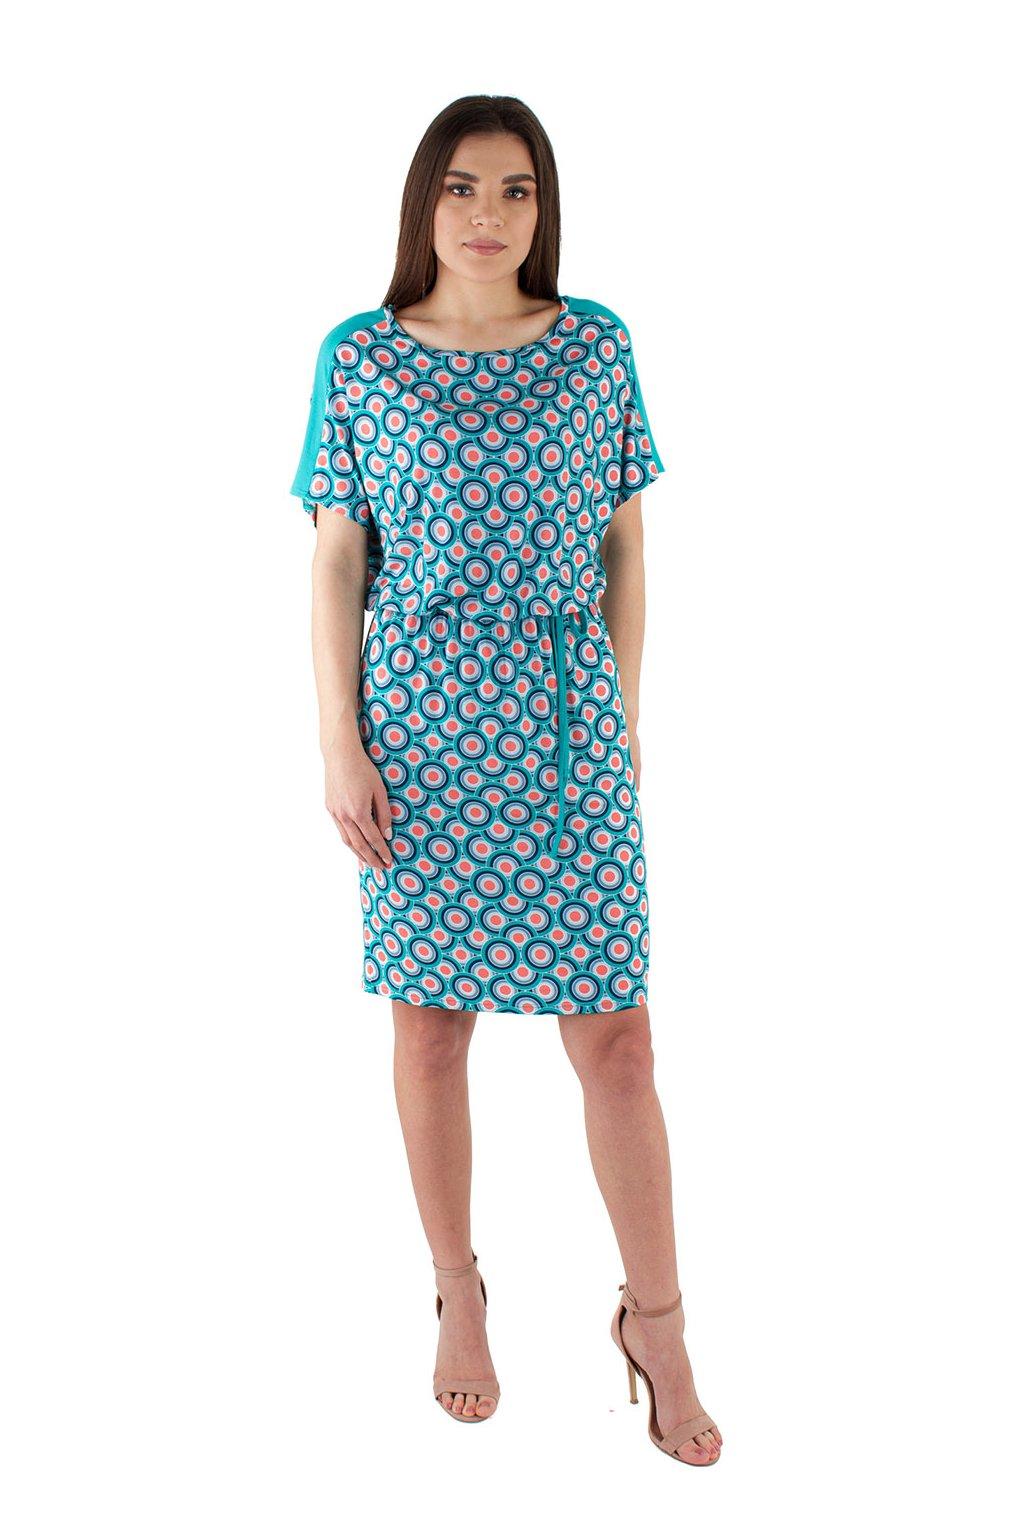 Dámské šaty s krátkým rukávem, 105129 234, tyrkysová